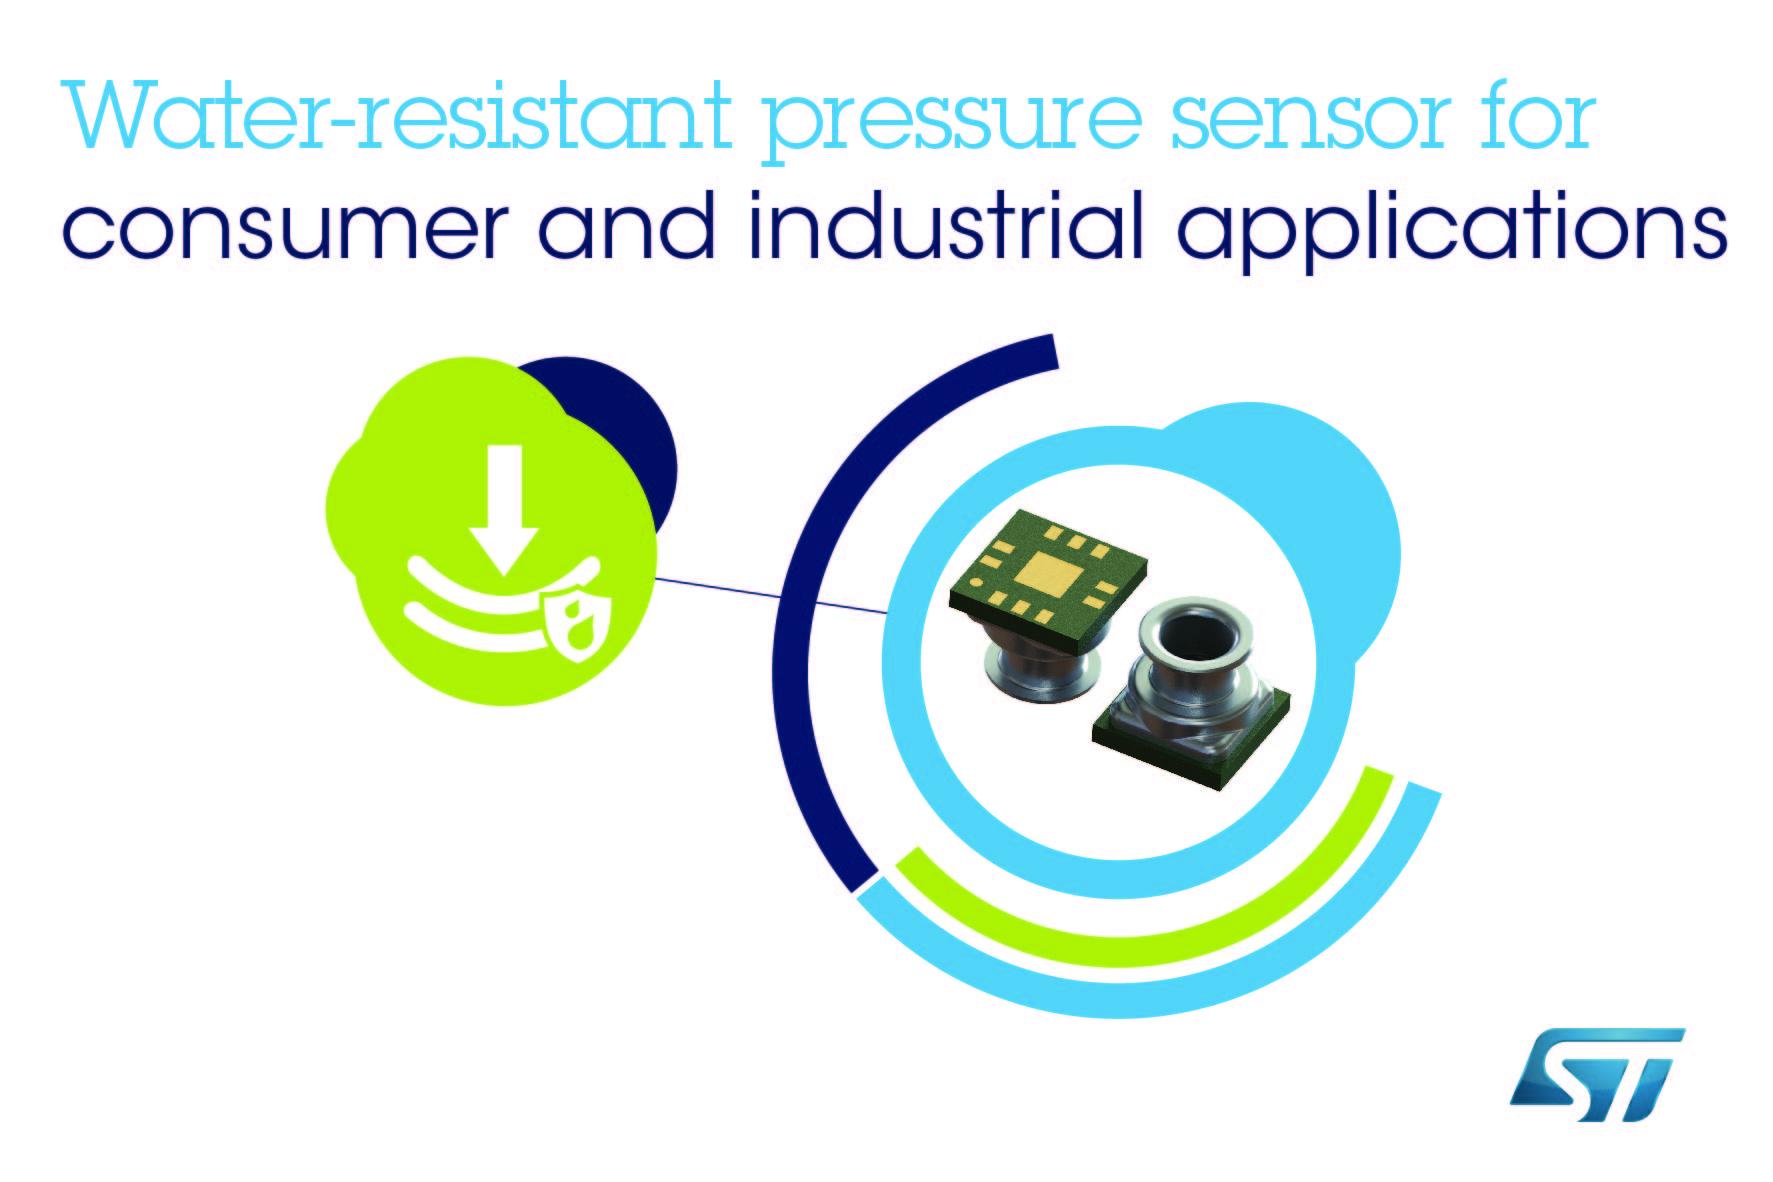 意法半导体防水型MEMS压力传感器瞄准 预算严格的消费和工业应用